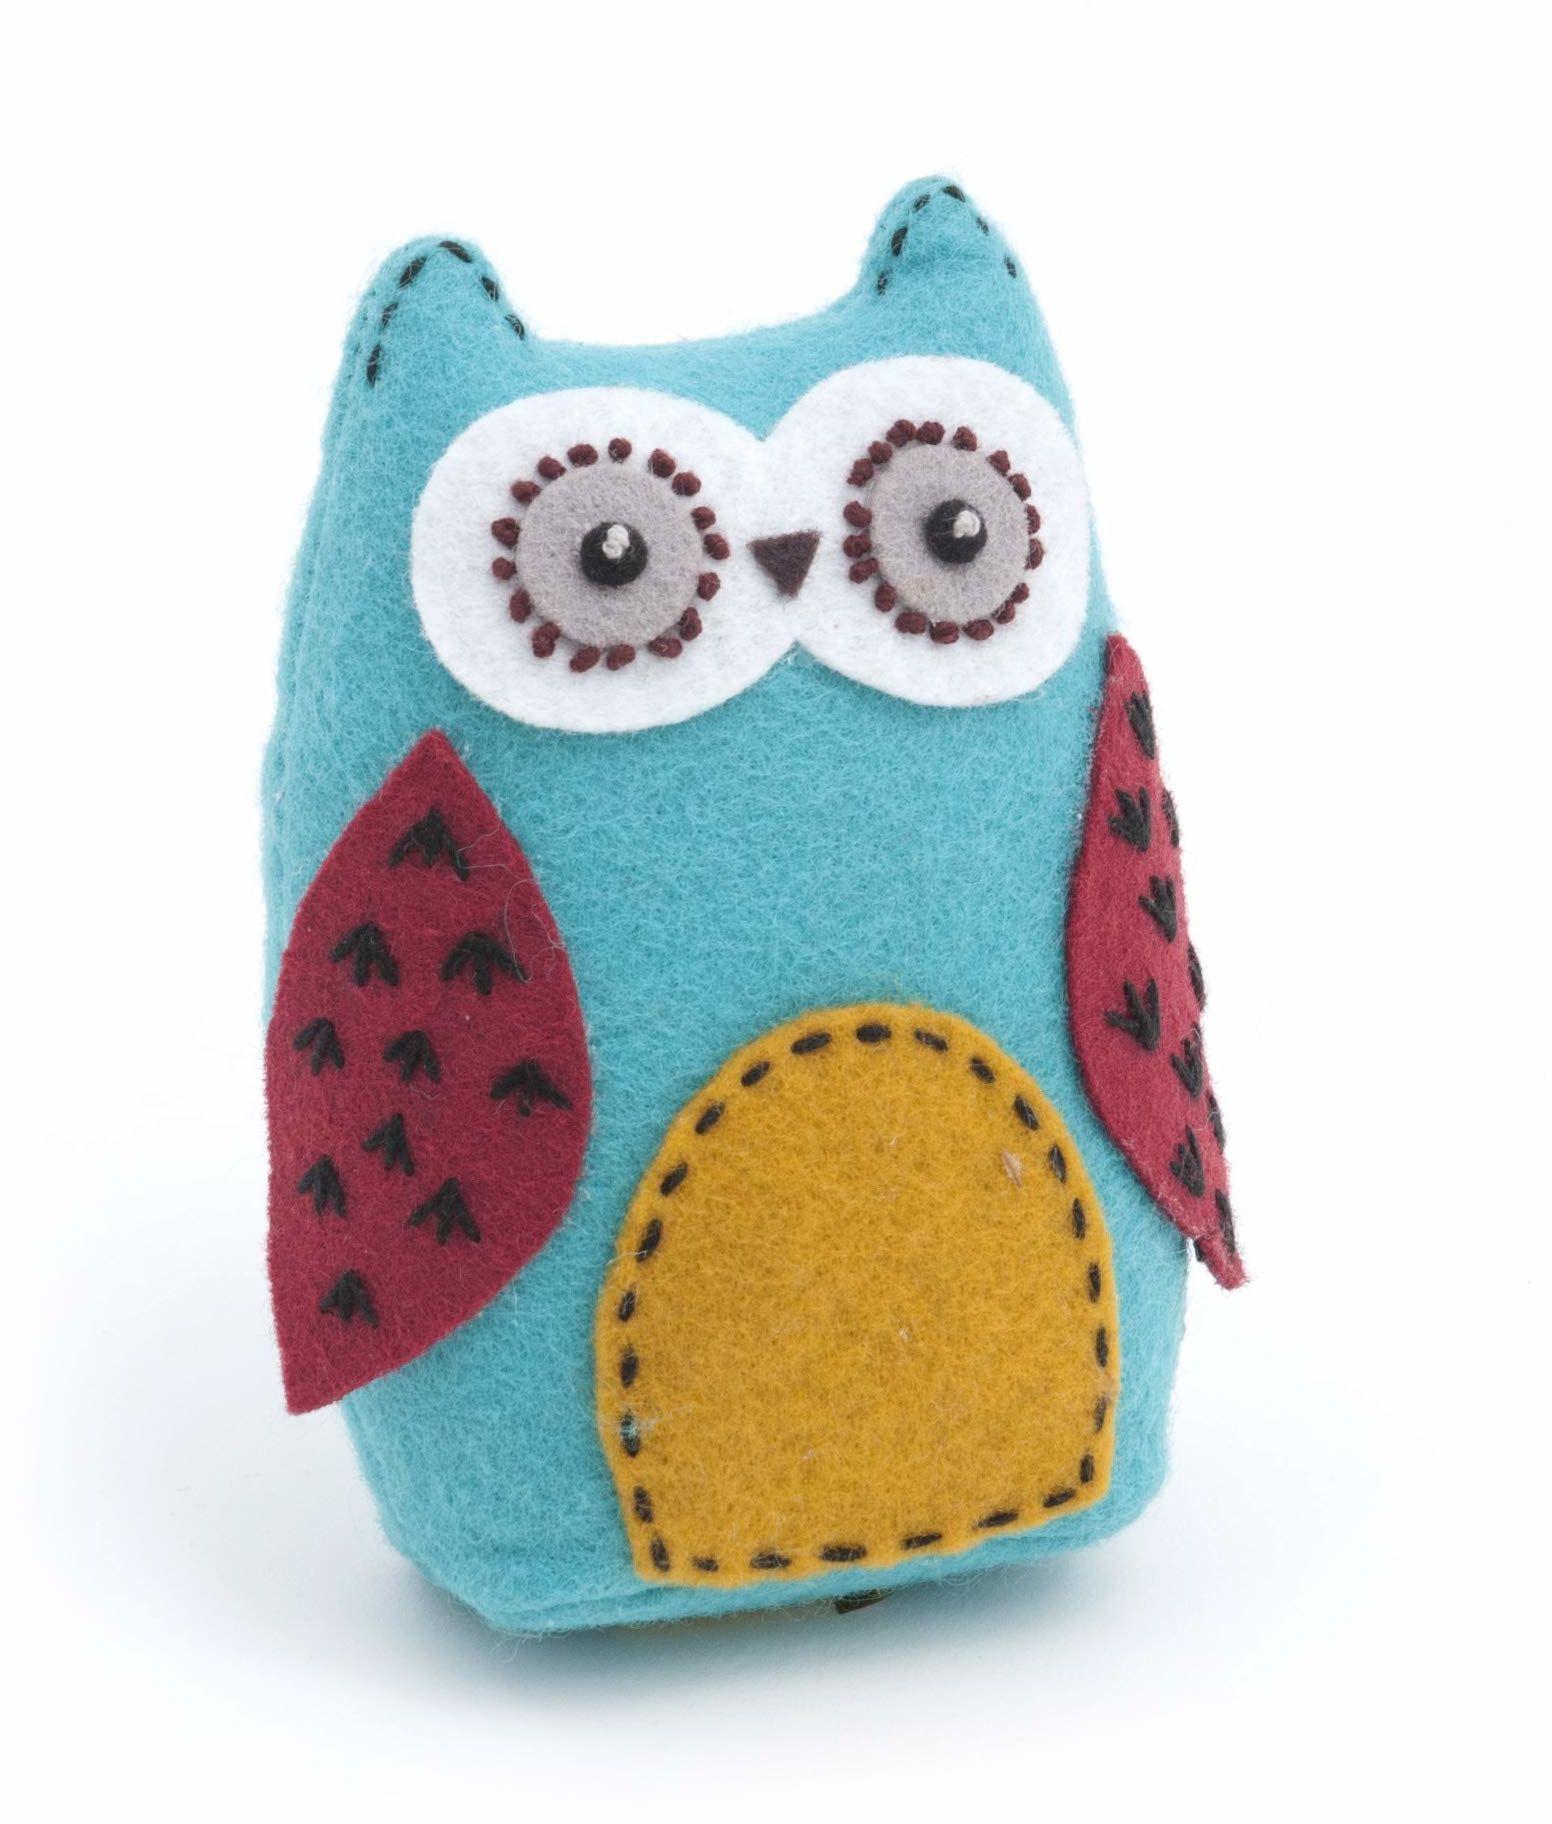 Hobby prezent HOBBYPREZENT sowa szycie poduszka z miękką bawełnianą tkaniną spinka patchworkowa uchwyt sztuka rzemiosło i szycie, wielokolorowa, 12 x 8,5 x 4,5 cm